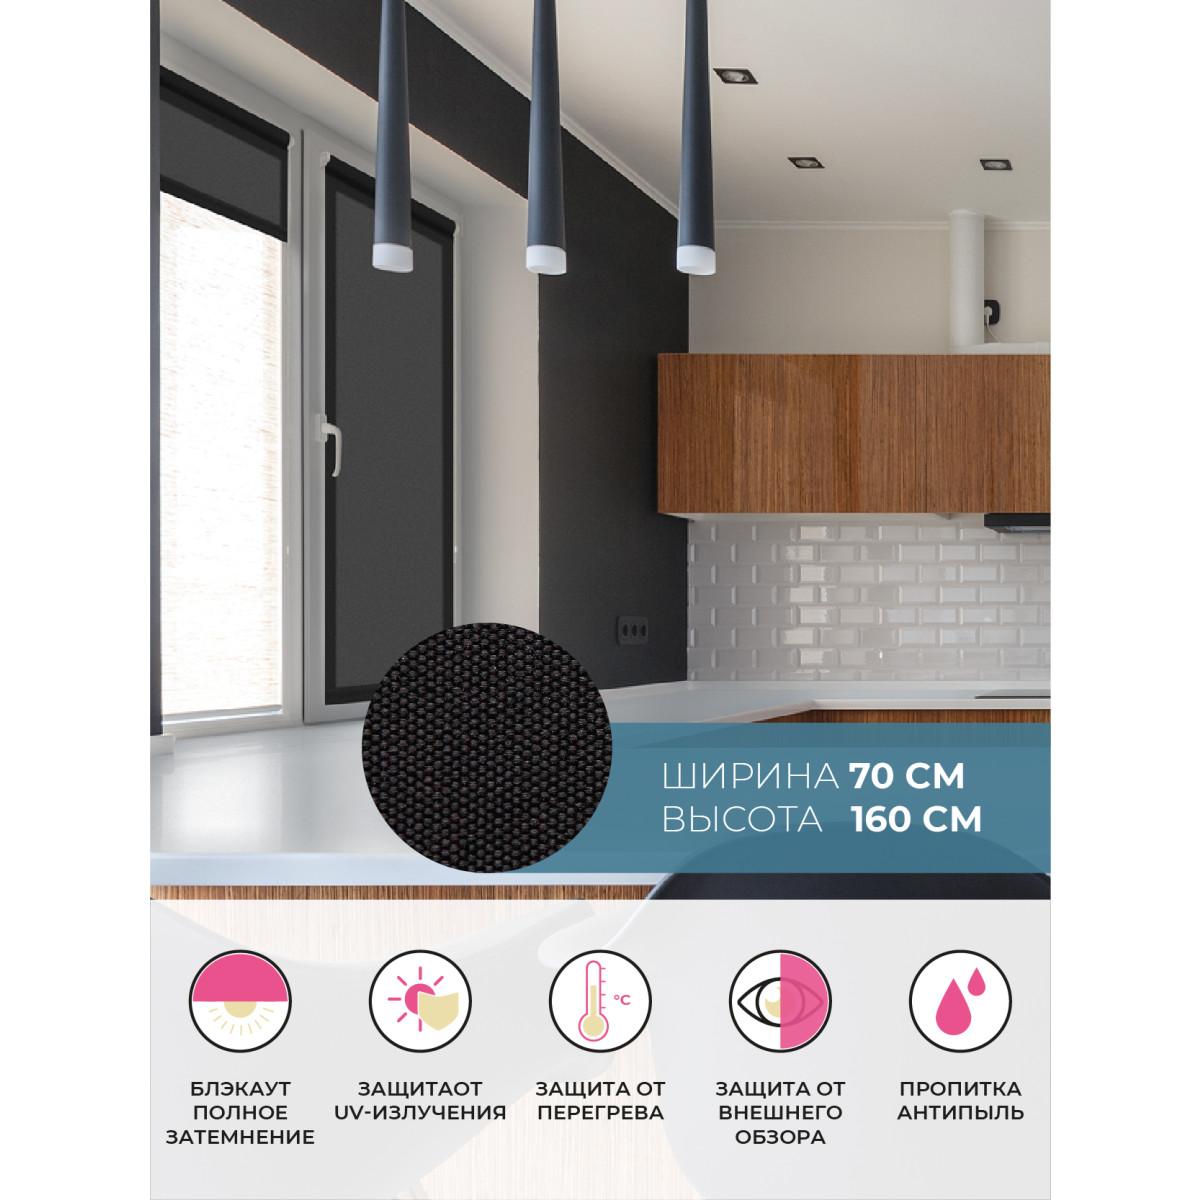 Рулонная Ора Decofest Блэкаут Плайн 70Х160 Цвет Черный